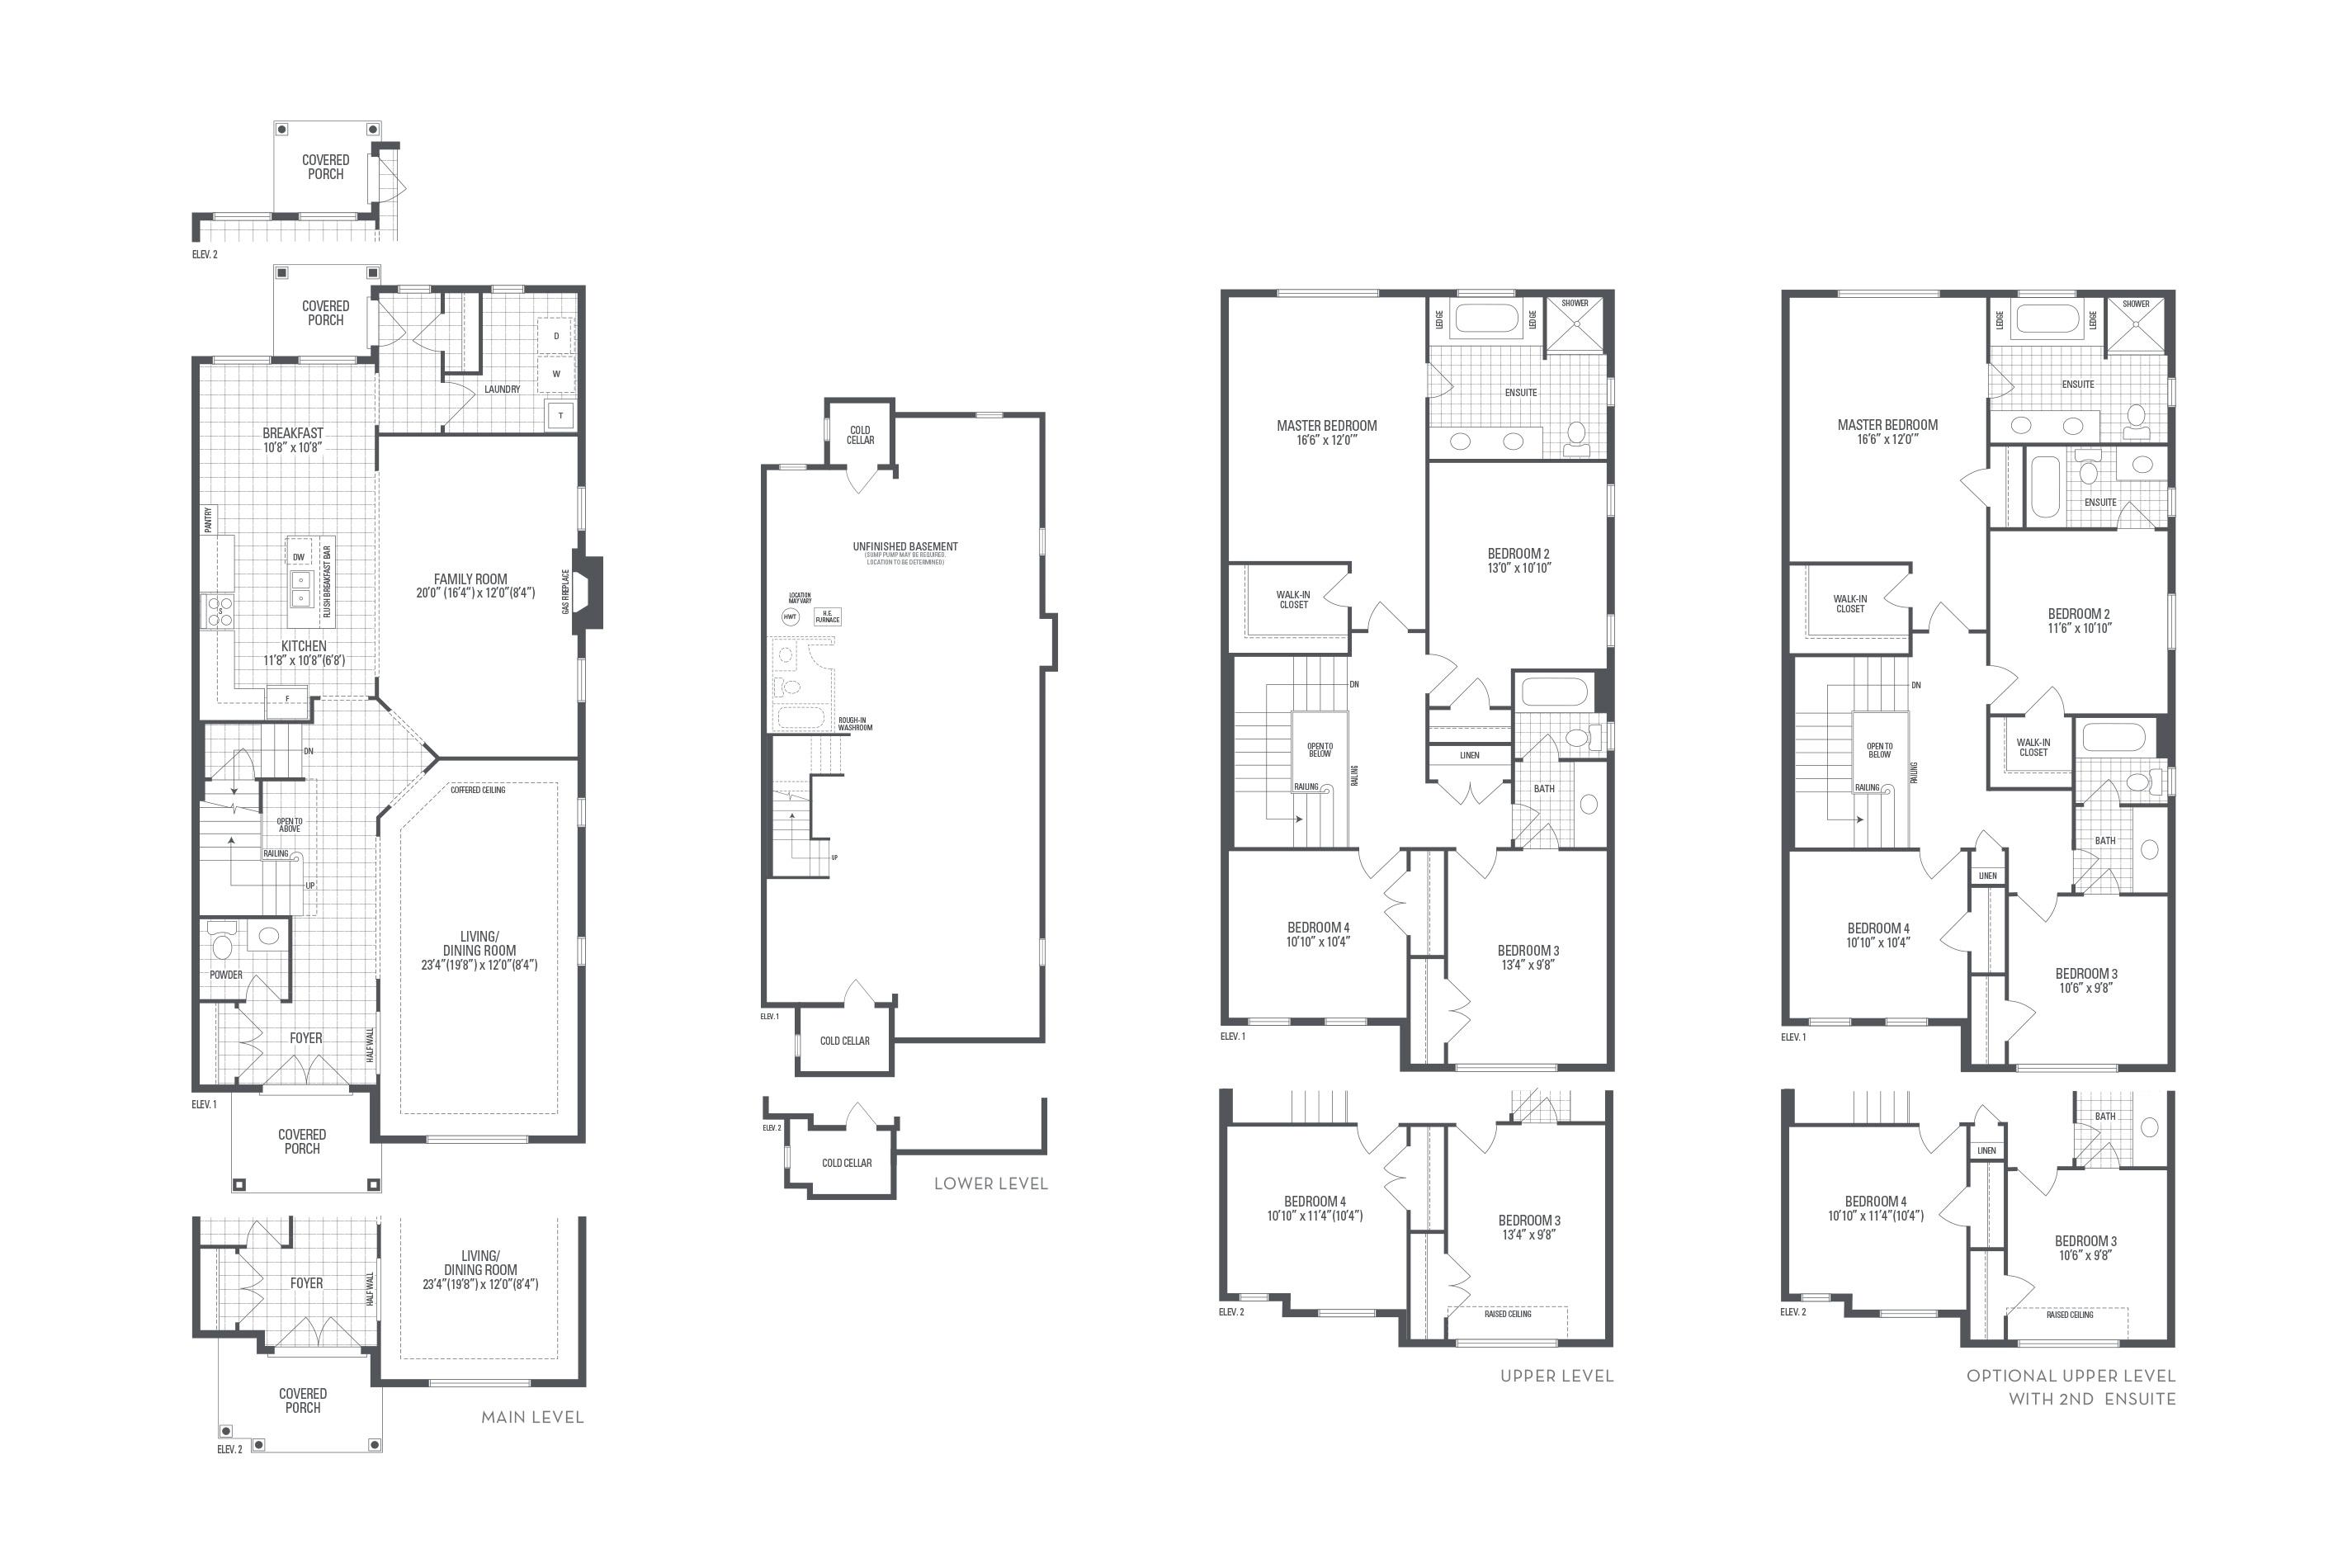 Savana 01 Elev. 2 Floorplan